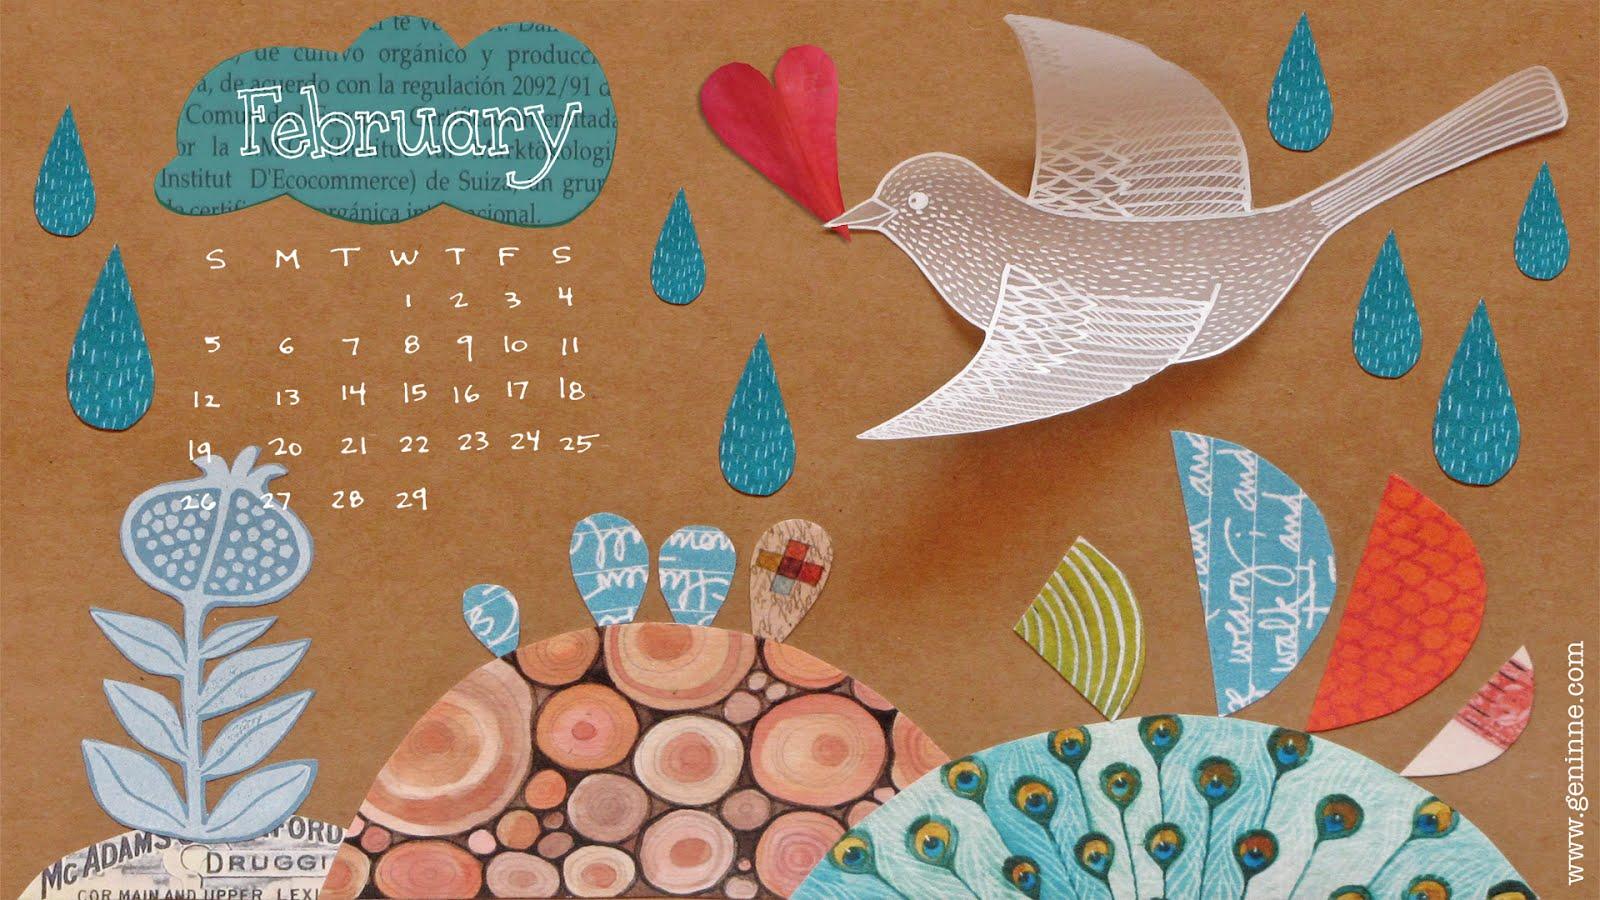 http://3.bp.blogspot.com/-NE1wpfEnZ8k/TyqNurQZCNI/AAAAAAAAFCs/PG179a_7LZA/s1600/February+Desktop+Calendar.jpg